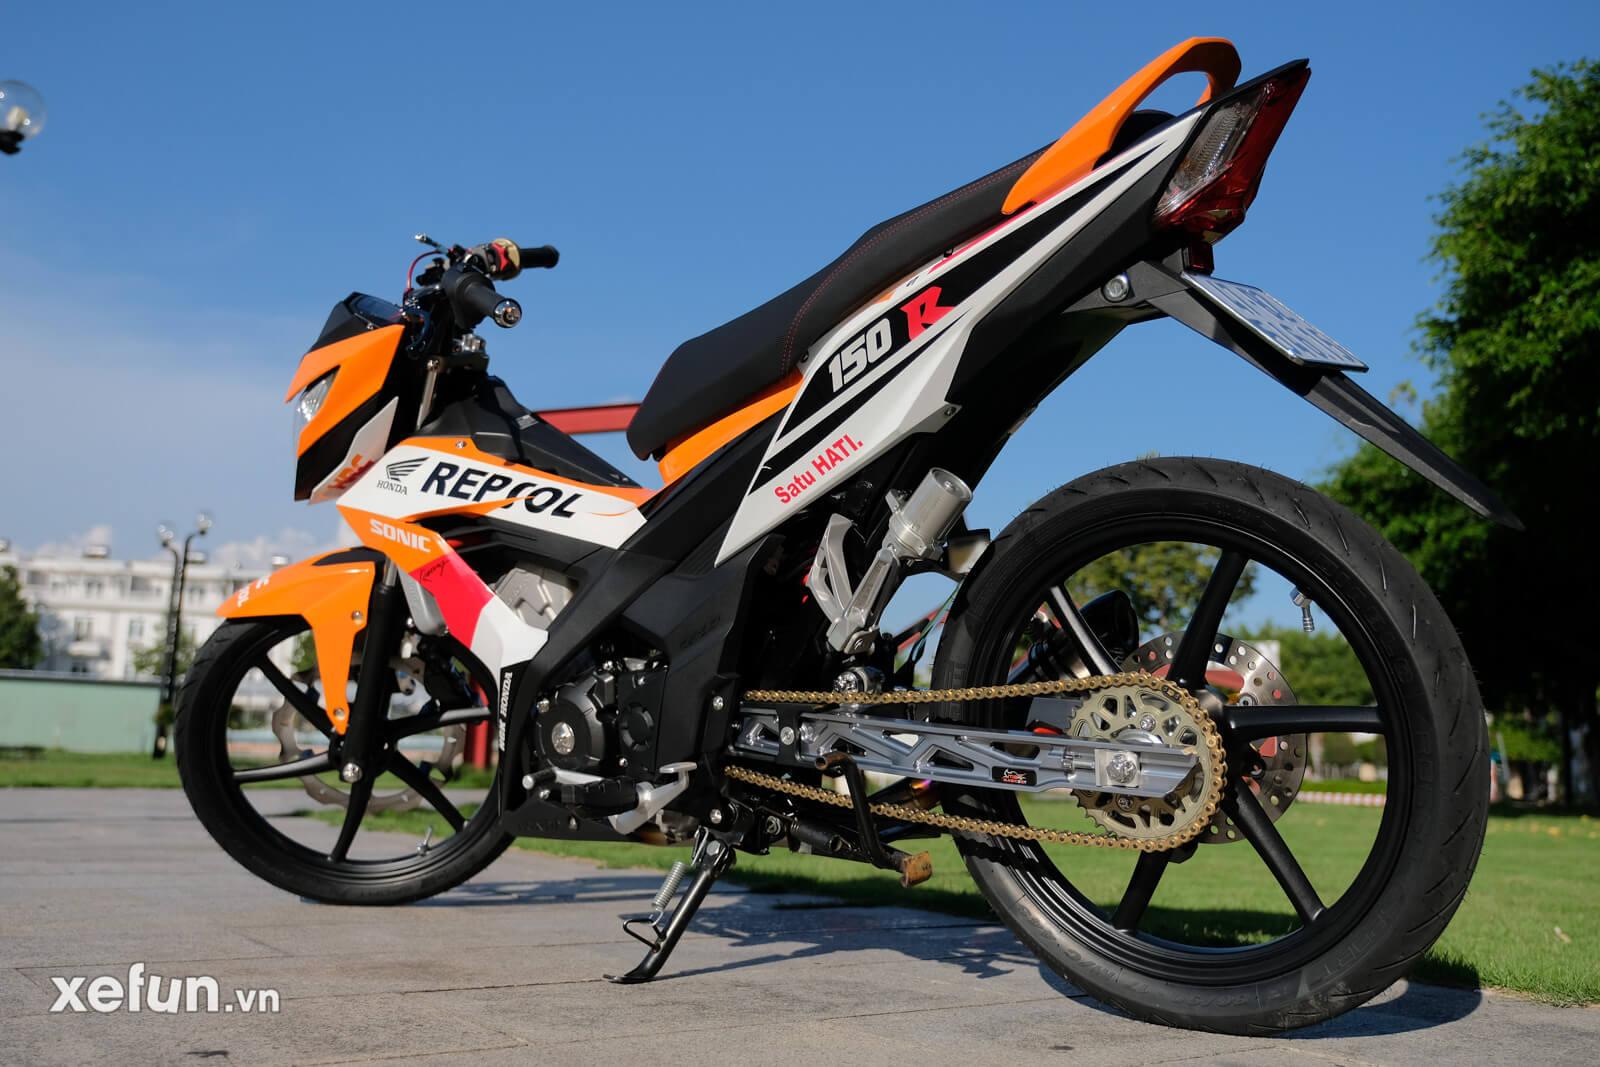 Honda sonic 150r độ 65 + 4 gia 80 trieu Xefun16